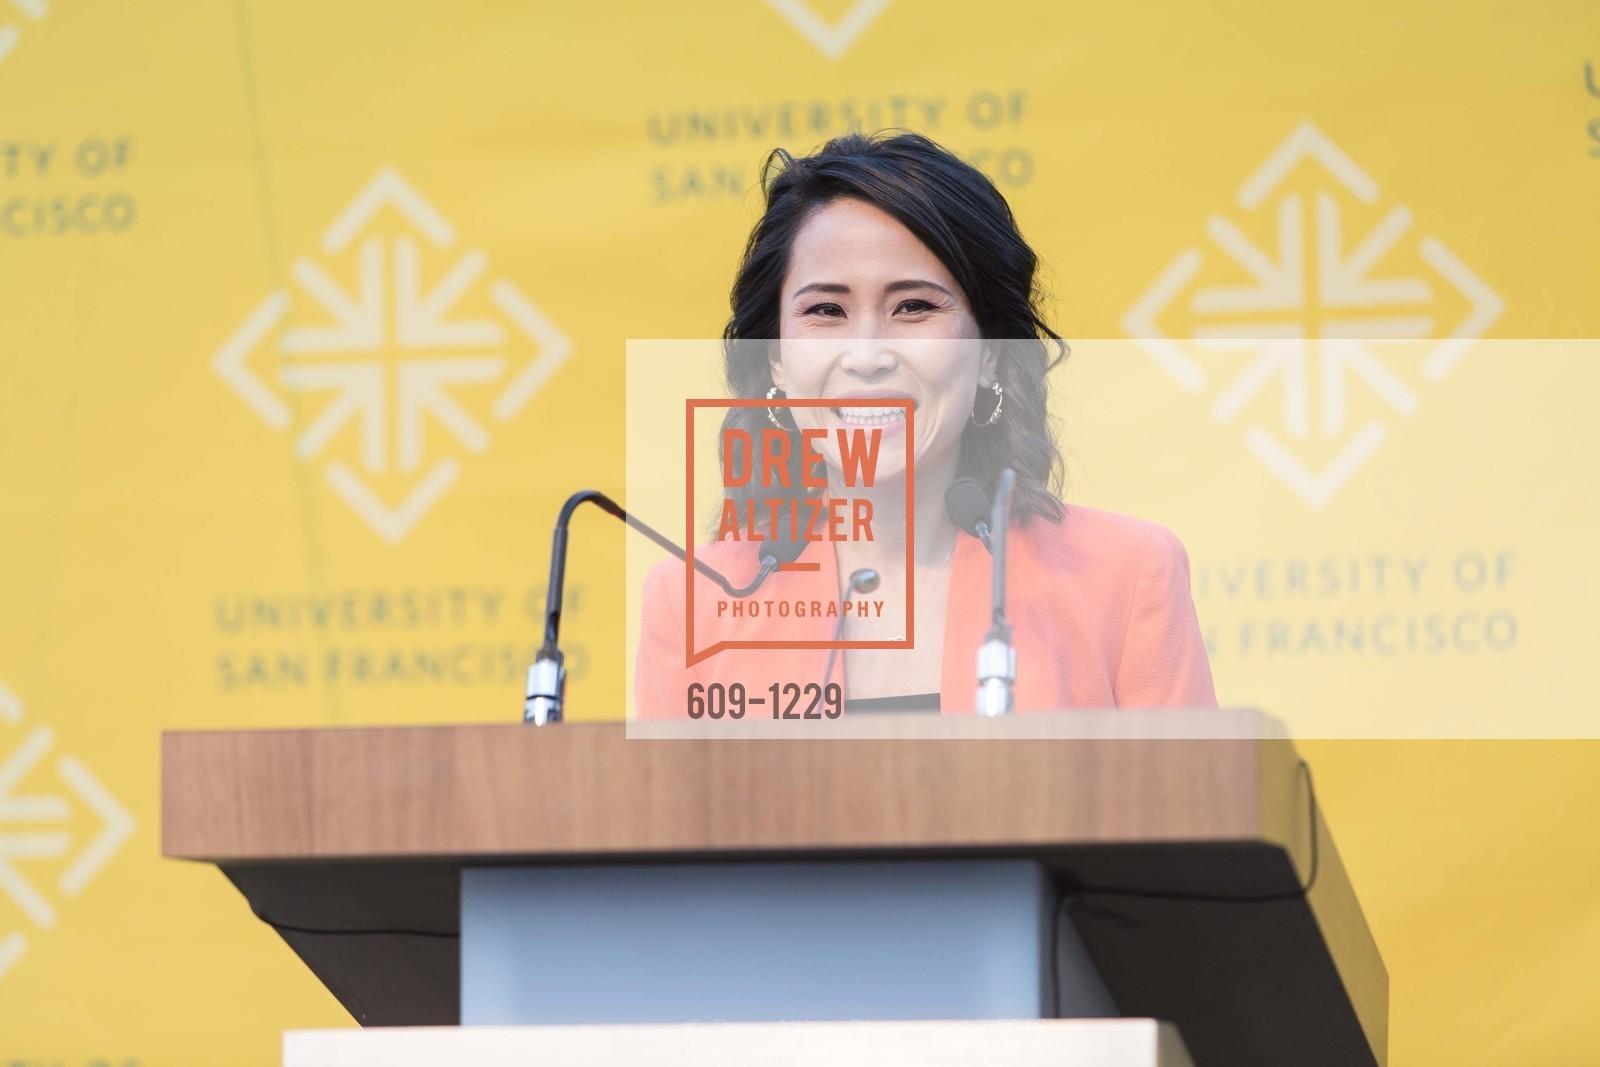 Vicky Nguyen, Photo #609-1229